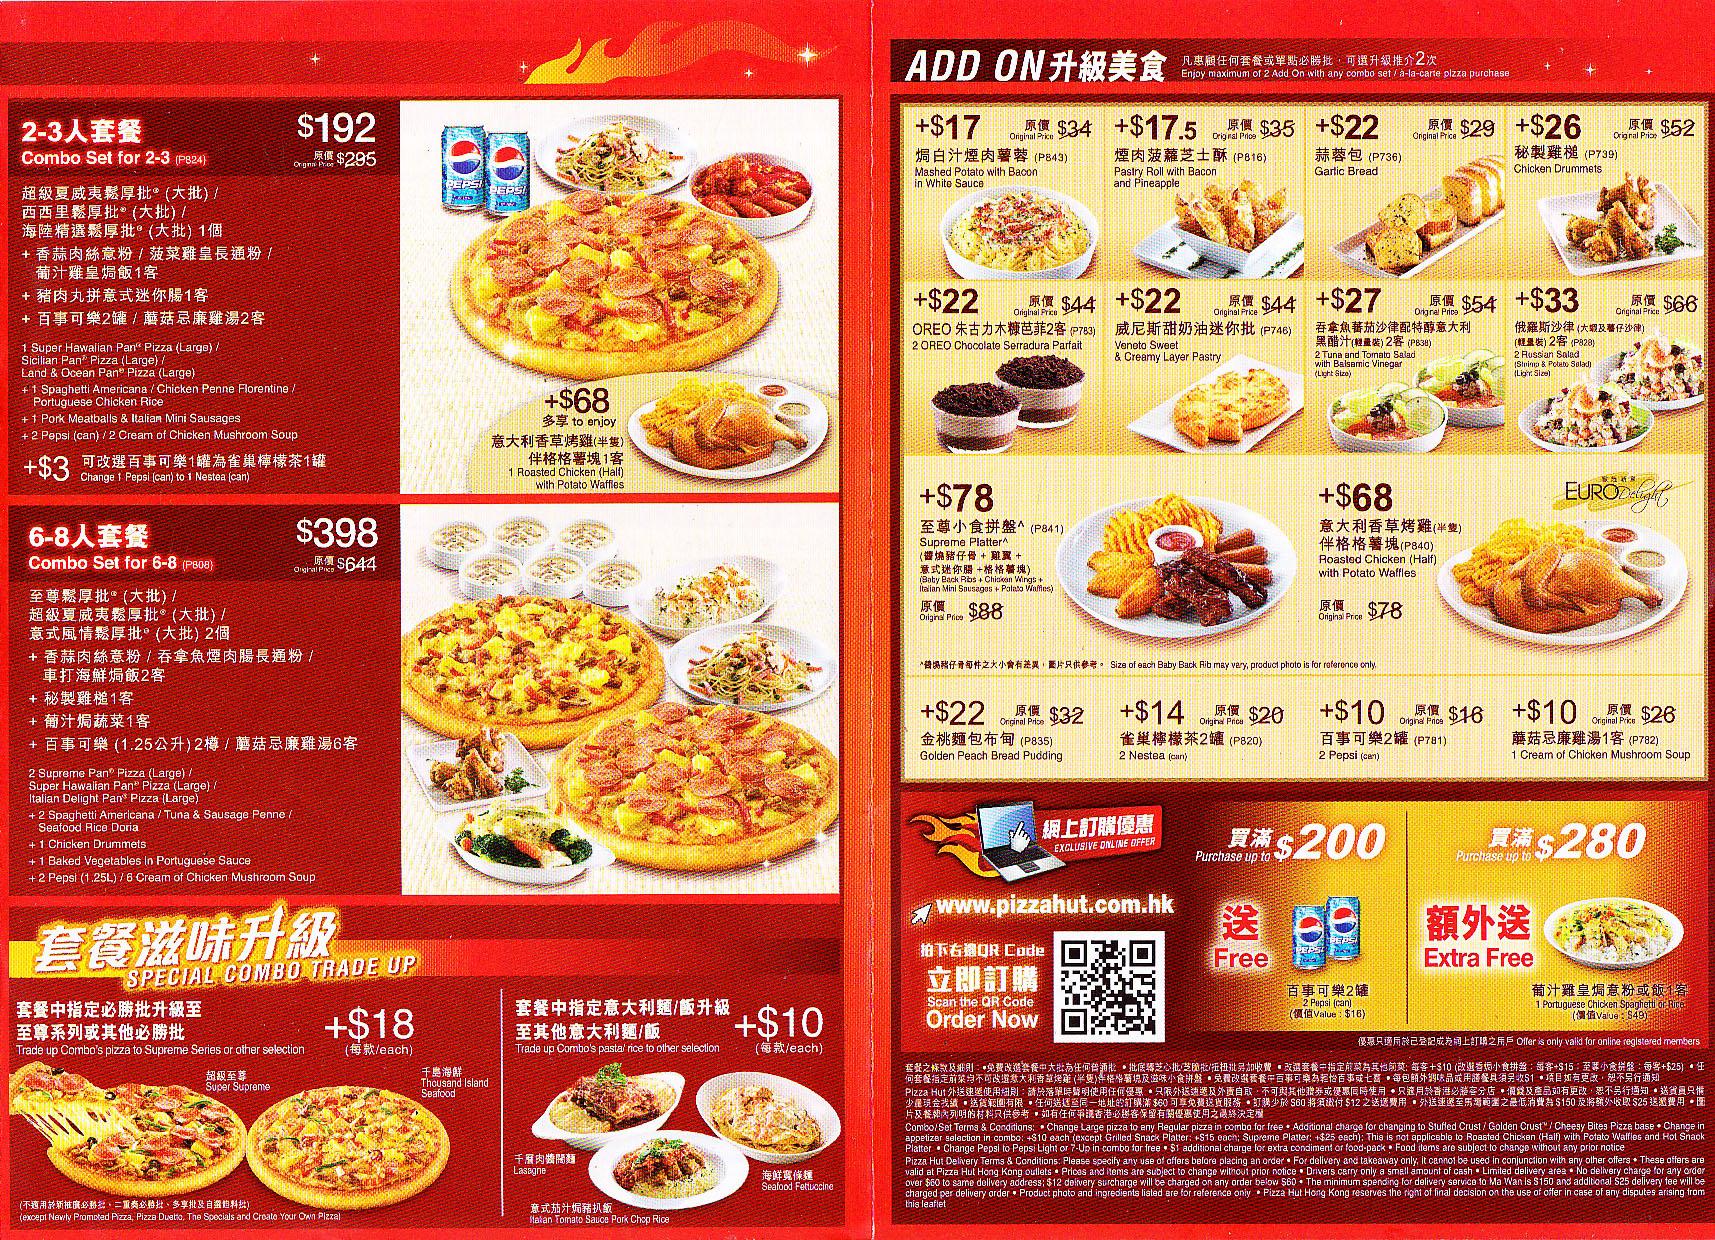 薄餅套餐 | [組圖+影片] 的最新詳盡資料** (必看!!) - yes-news.com